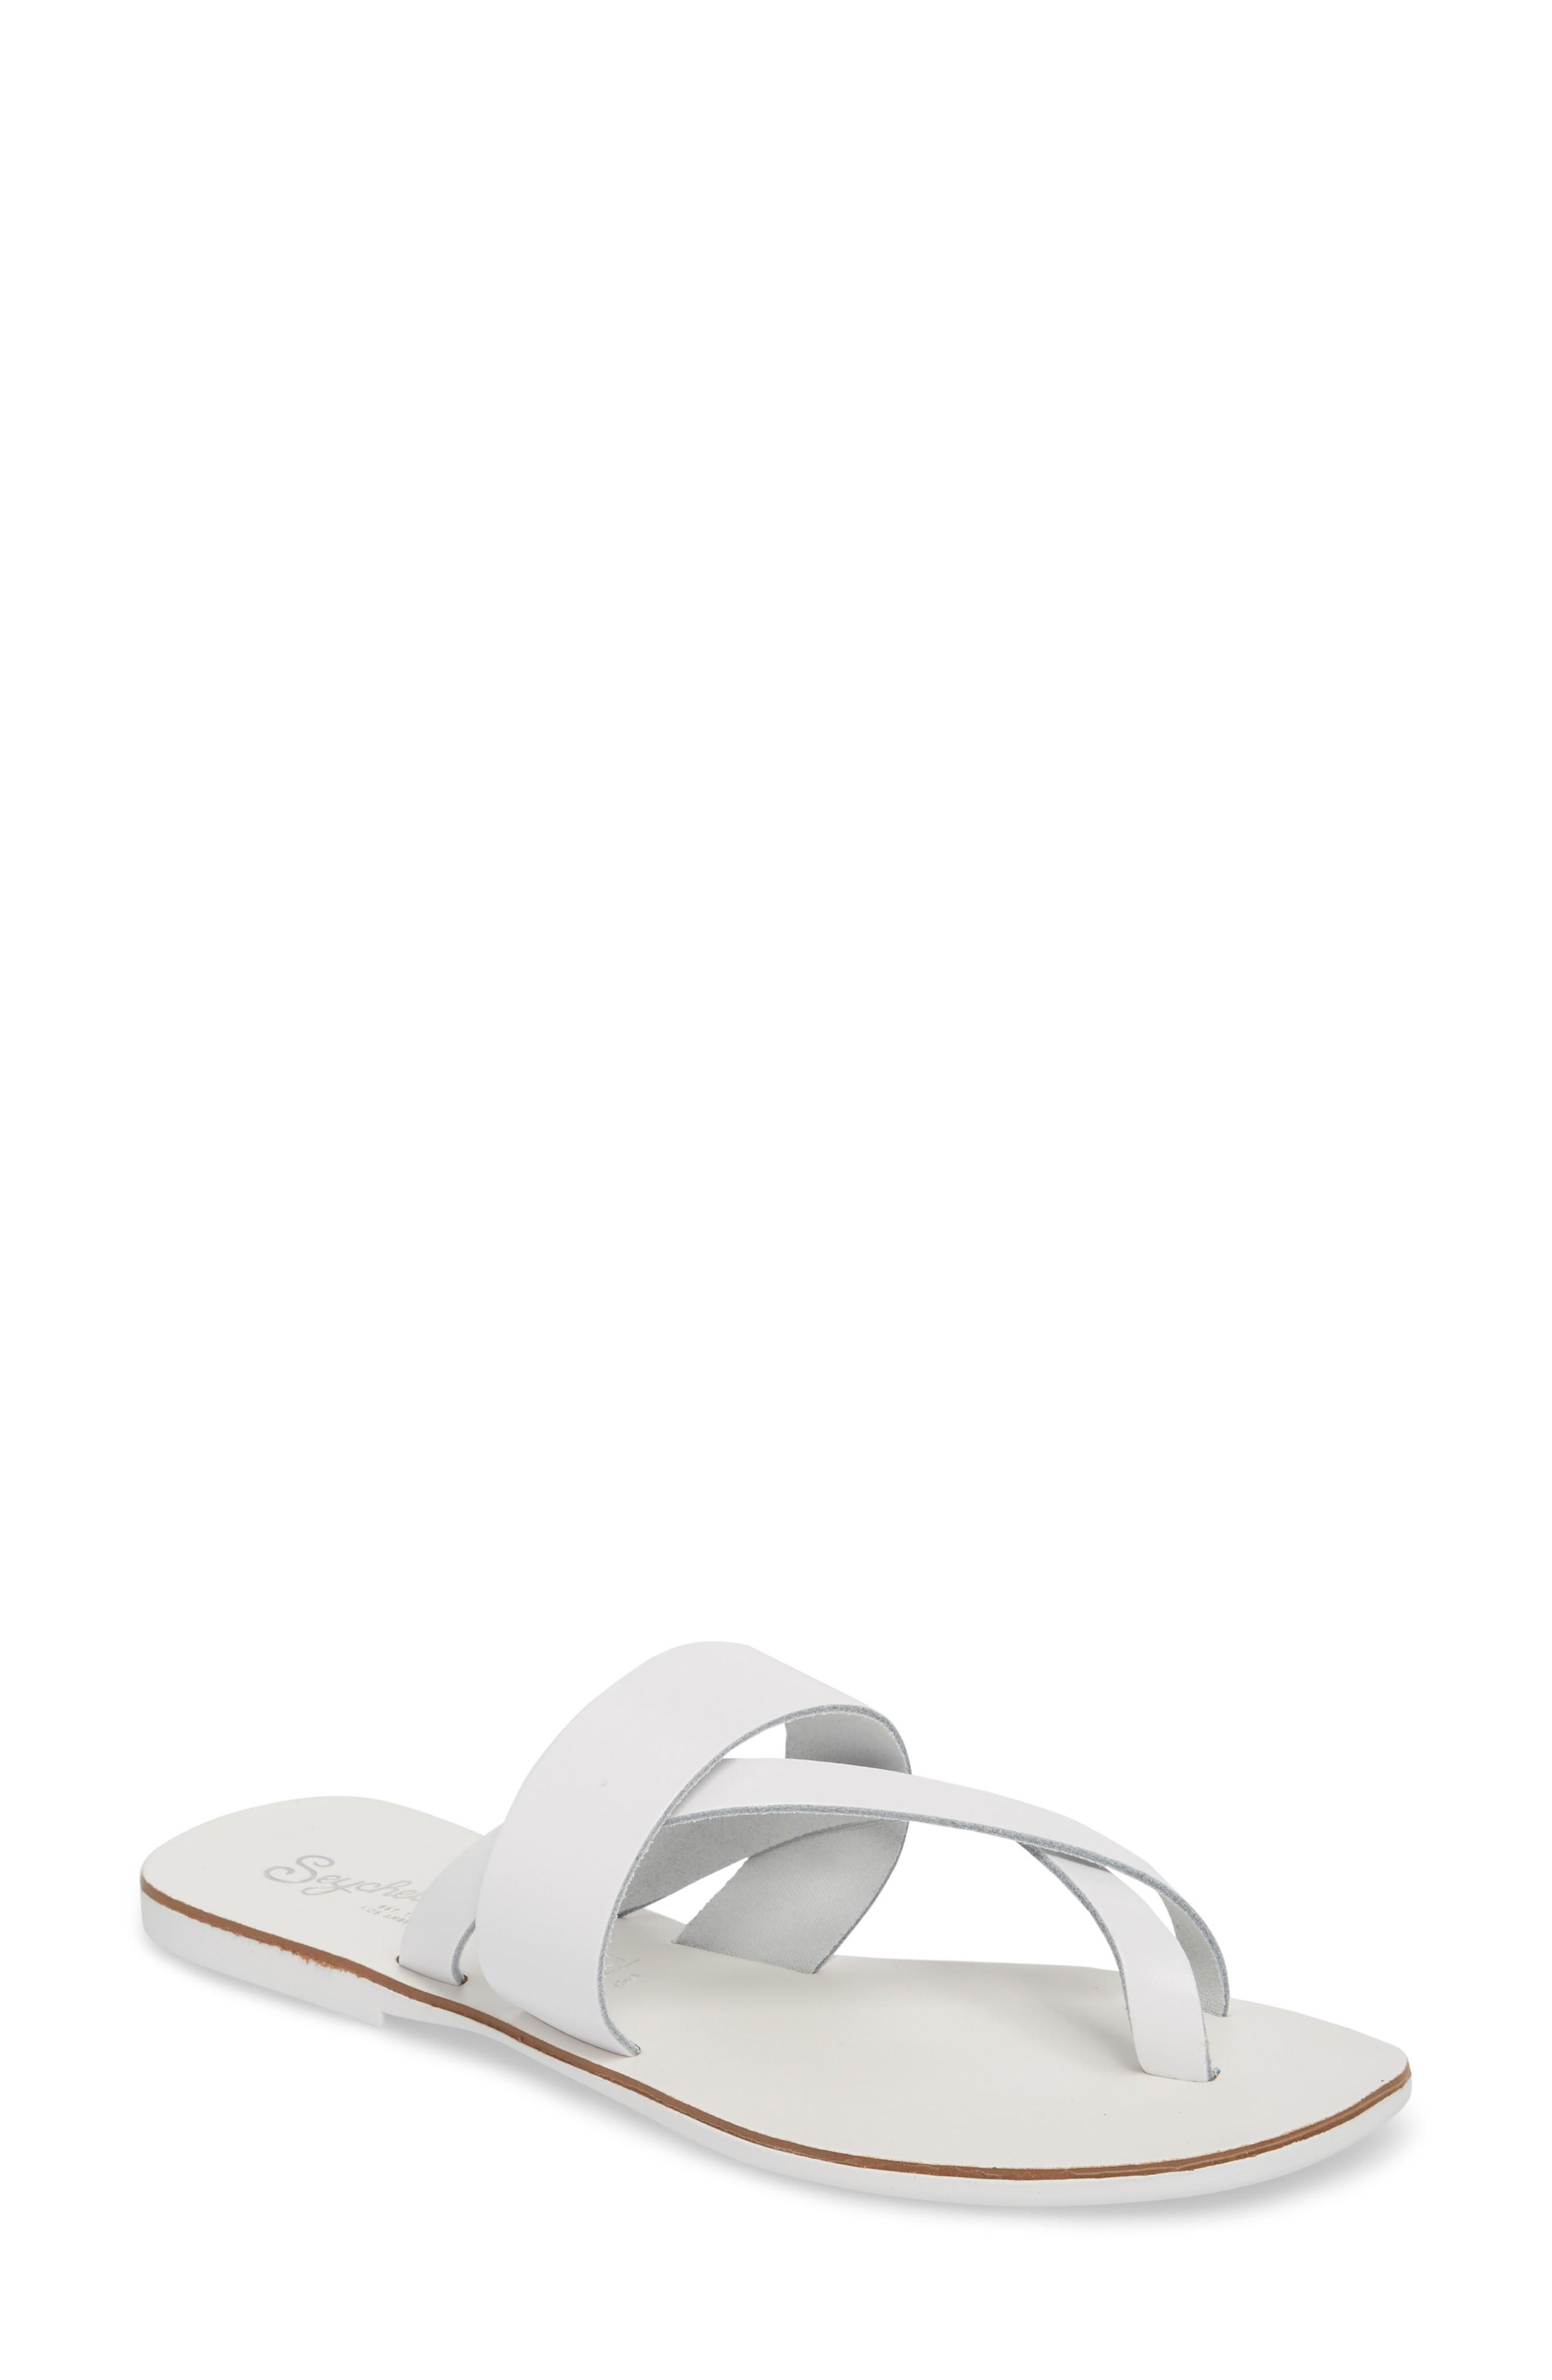 b5fe8505c8da Seychelles Destiny Thong Sandal In White Leather